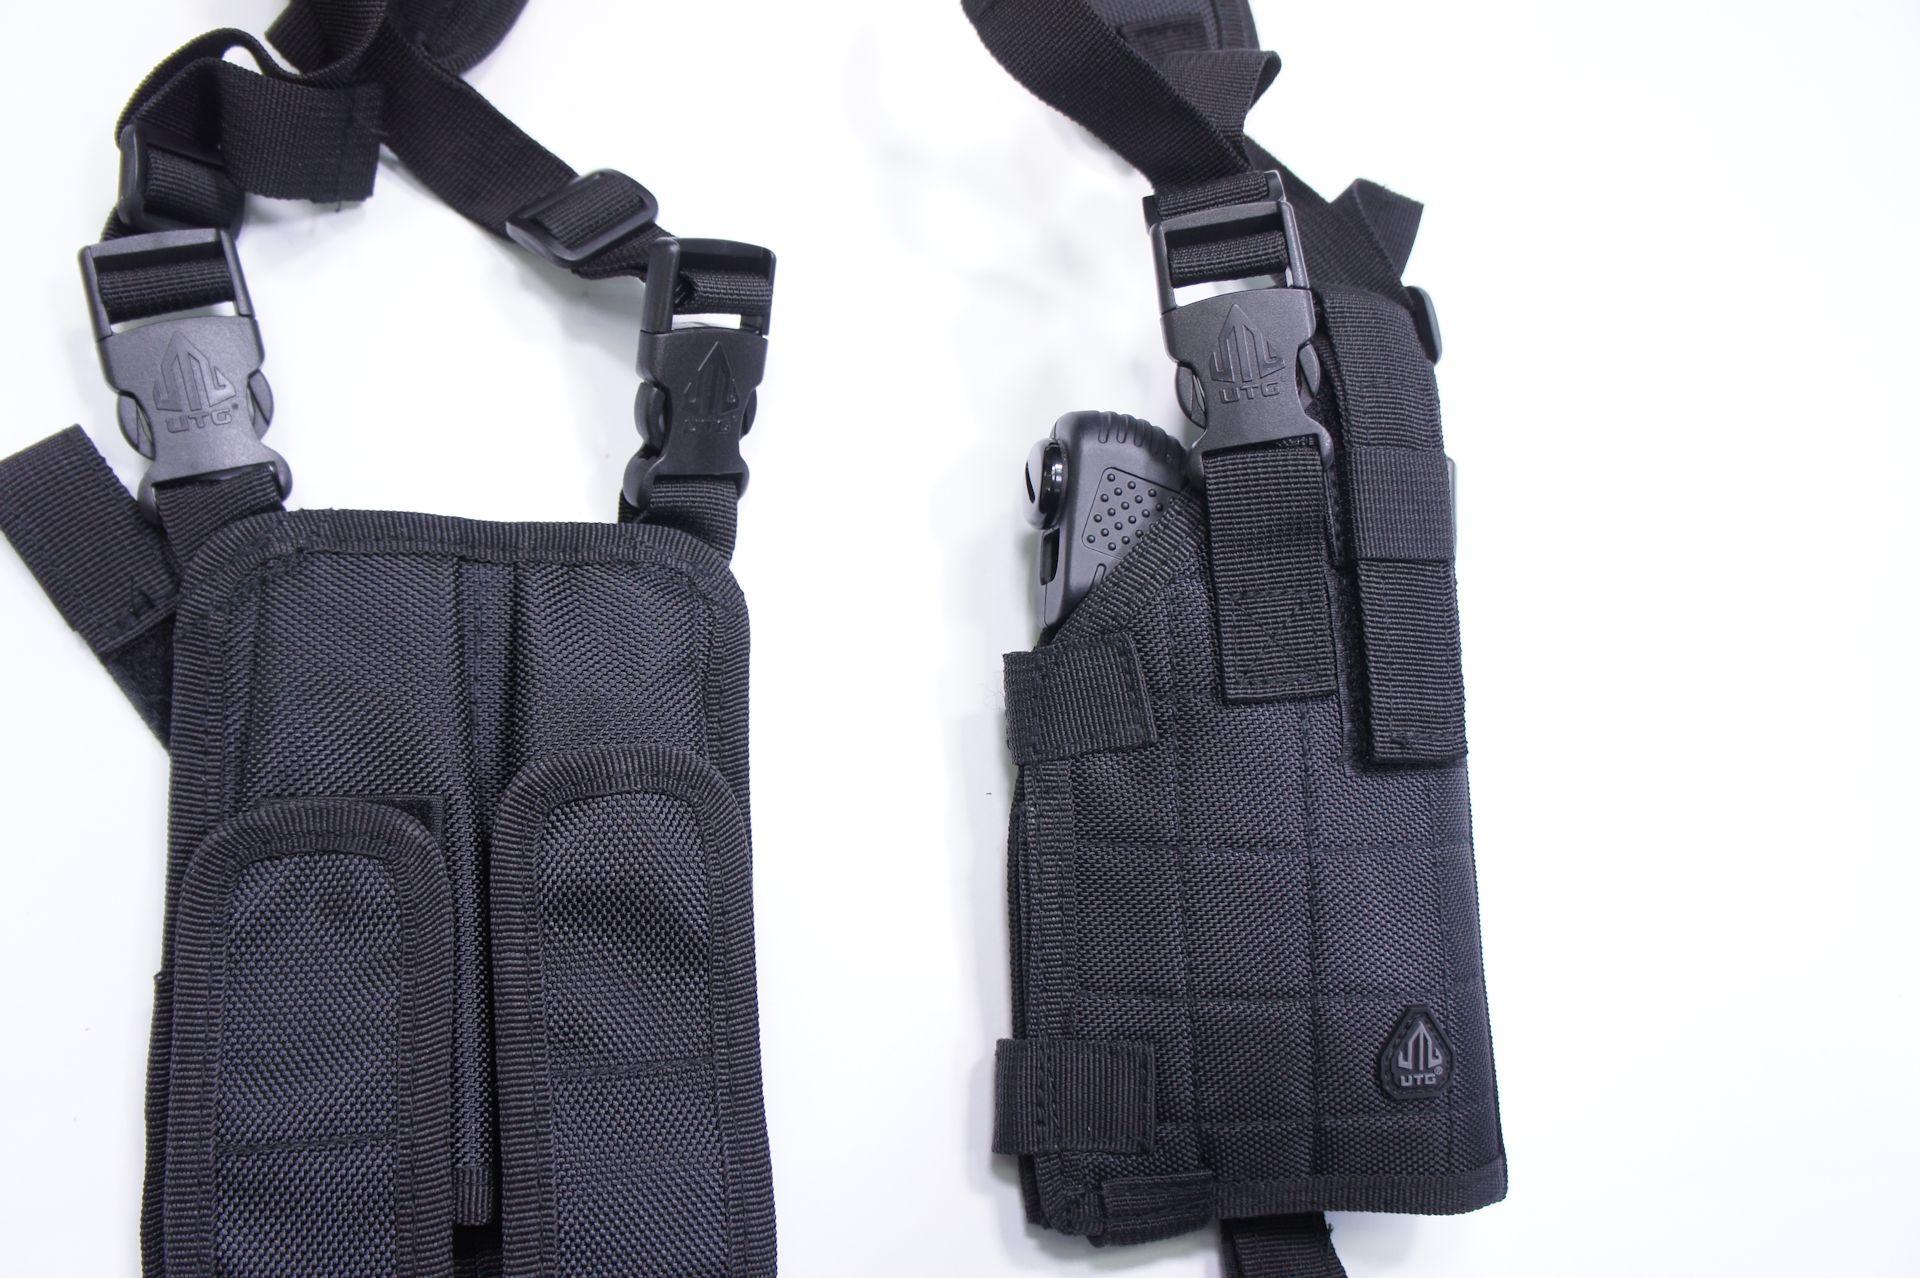 Das Schulterholster ist für Pistolen konzipiert und besteht auis schwarzem Cordura. / Anwendungsbeispiel von Schulterholster mit Tierabwehrgerät JPX